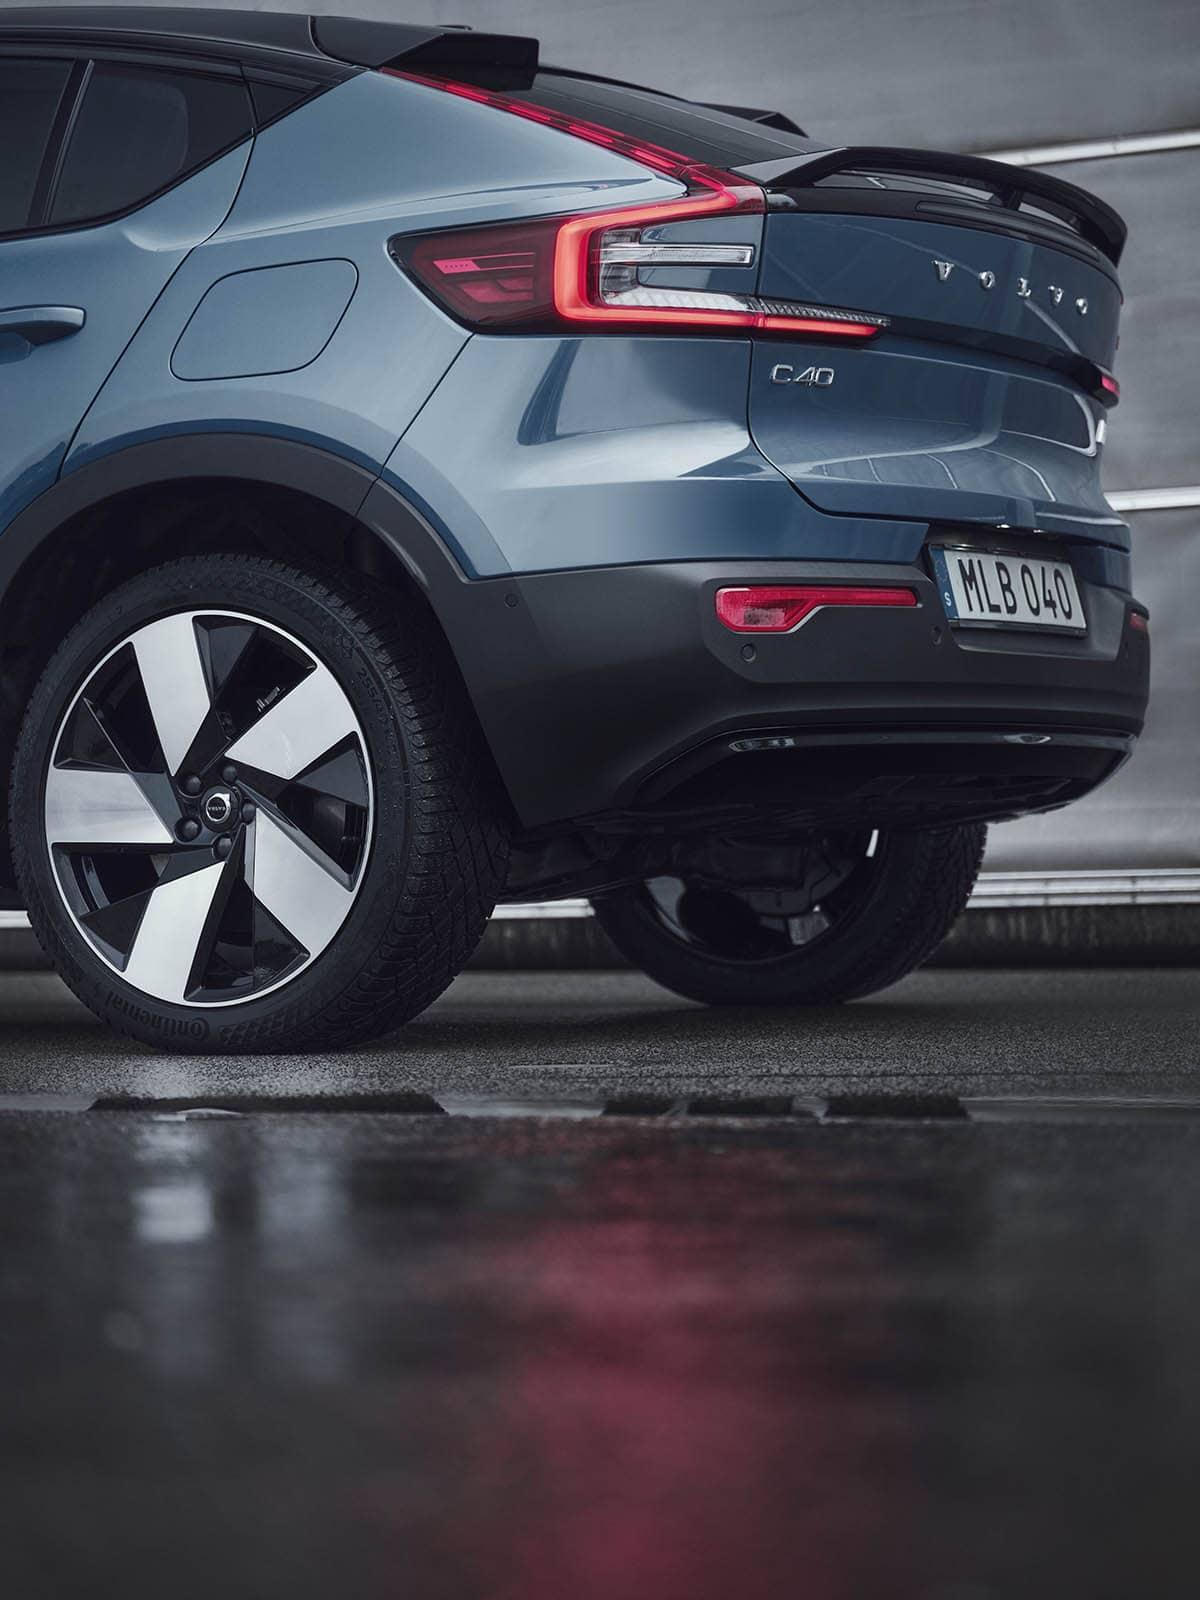 Volvo C40 Recharge Carro elétrico